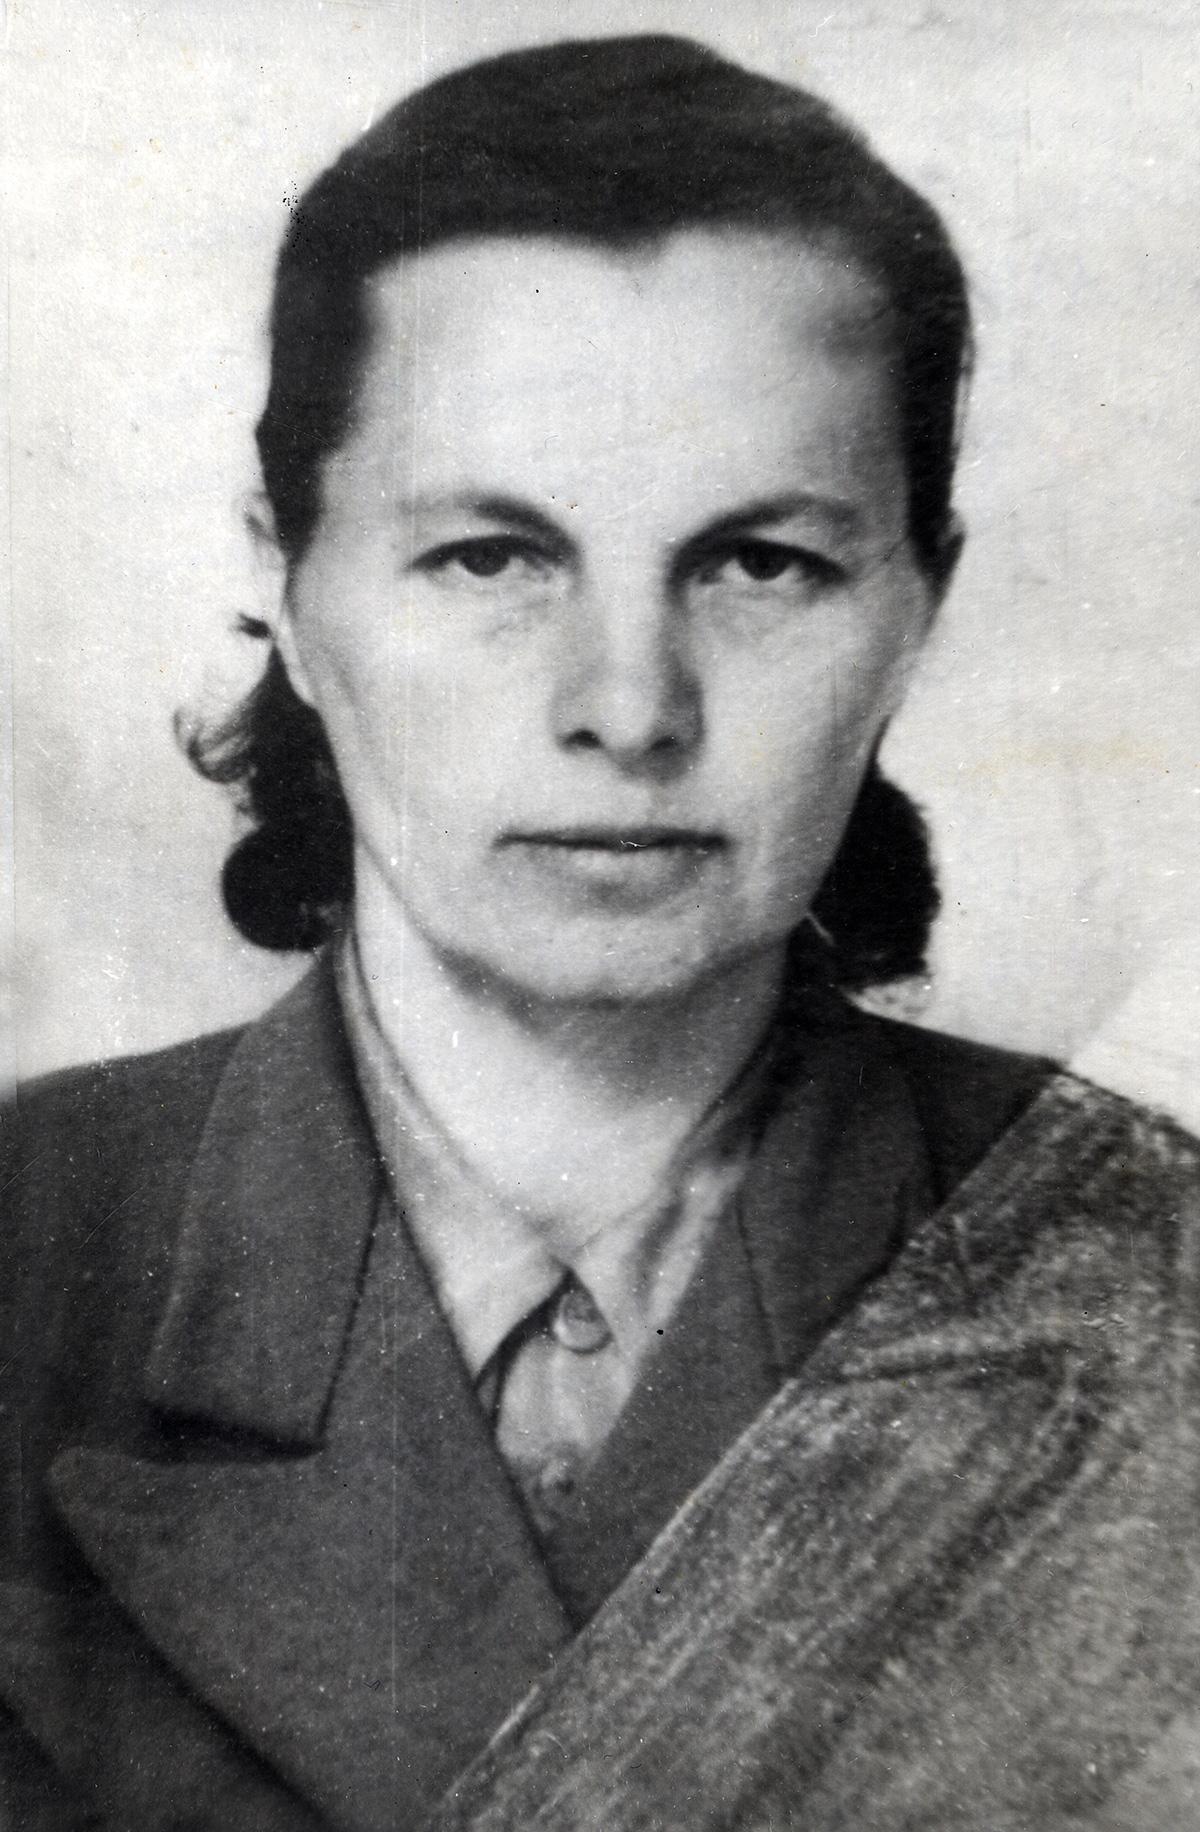 Вчителька початкових класів Гопчицької школи Прилуцька Олена Федорівна